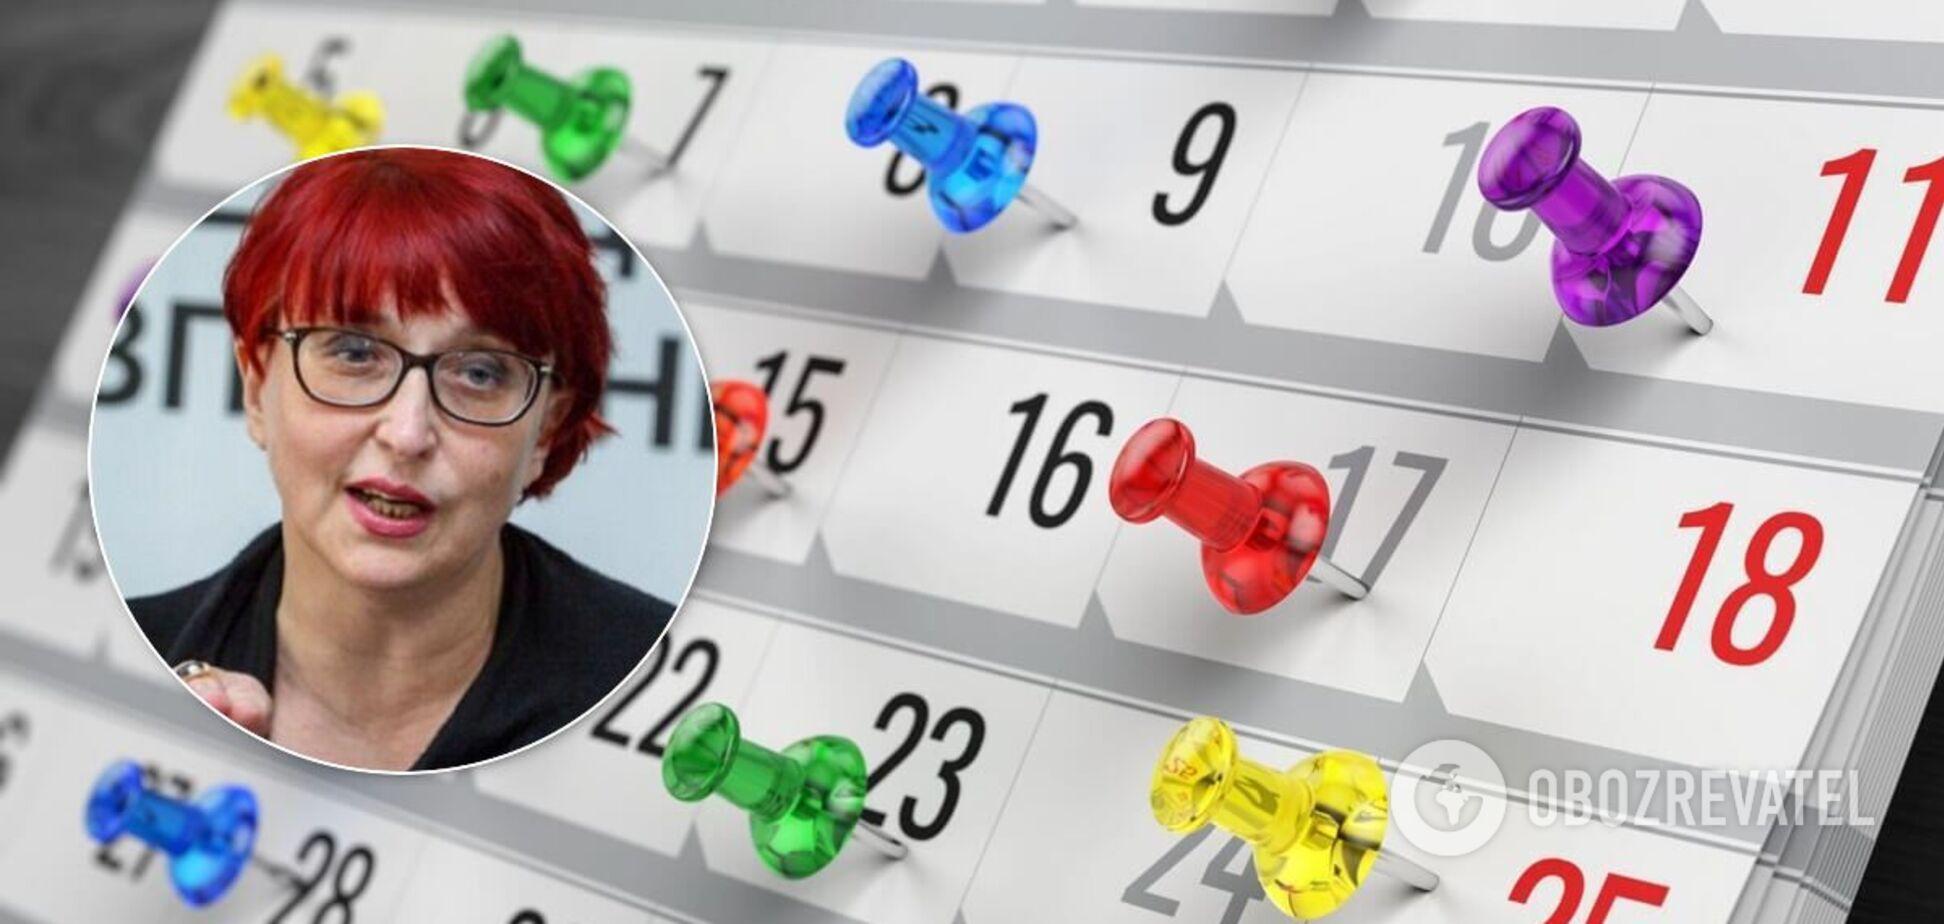 'Слуга' Третьякова намерена запретить украинцам работать на выходных. Законопроект